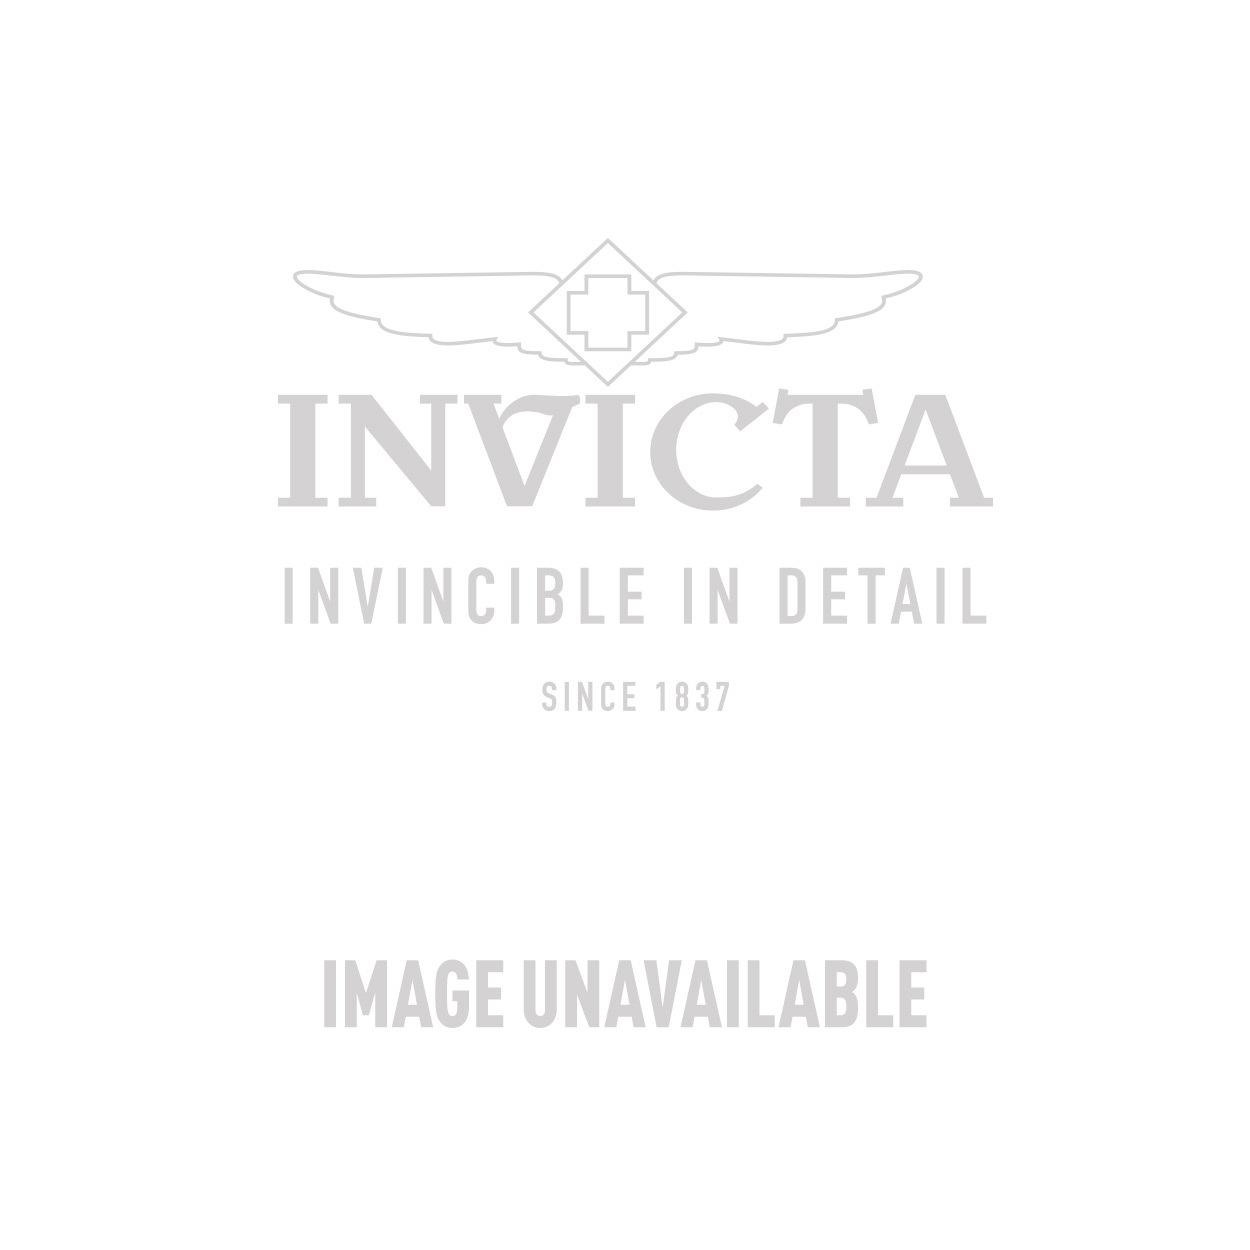 Invicta Model 26897